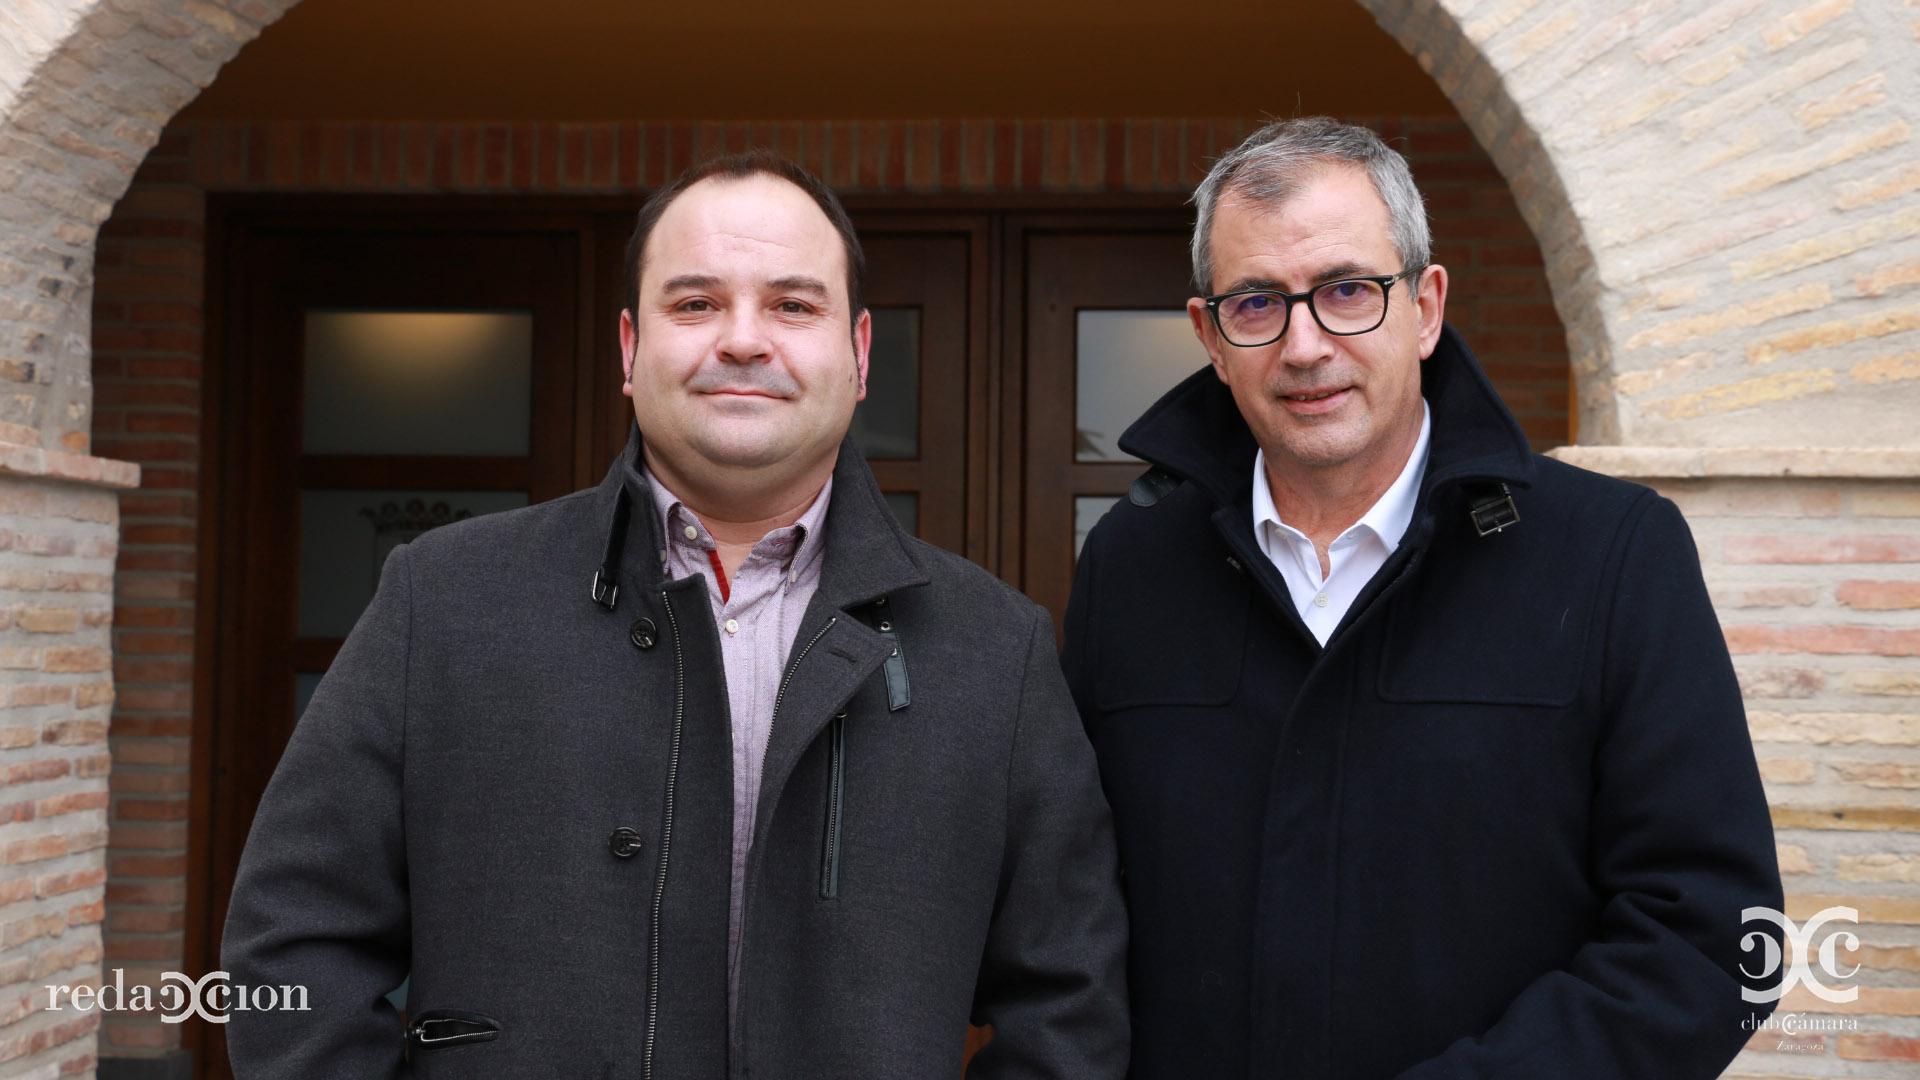 Alcalde de Magallon, junto a Director General Sociedad de la Información, Fernando García Mongay